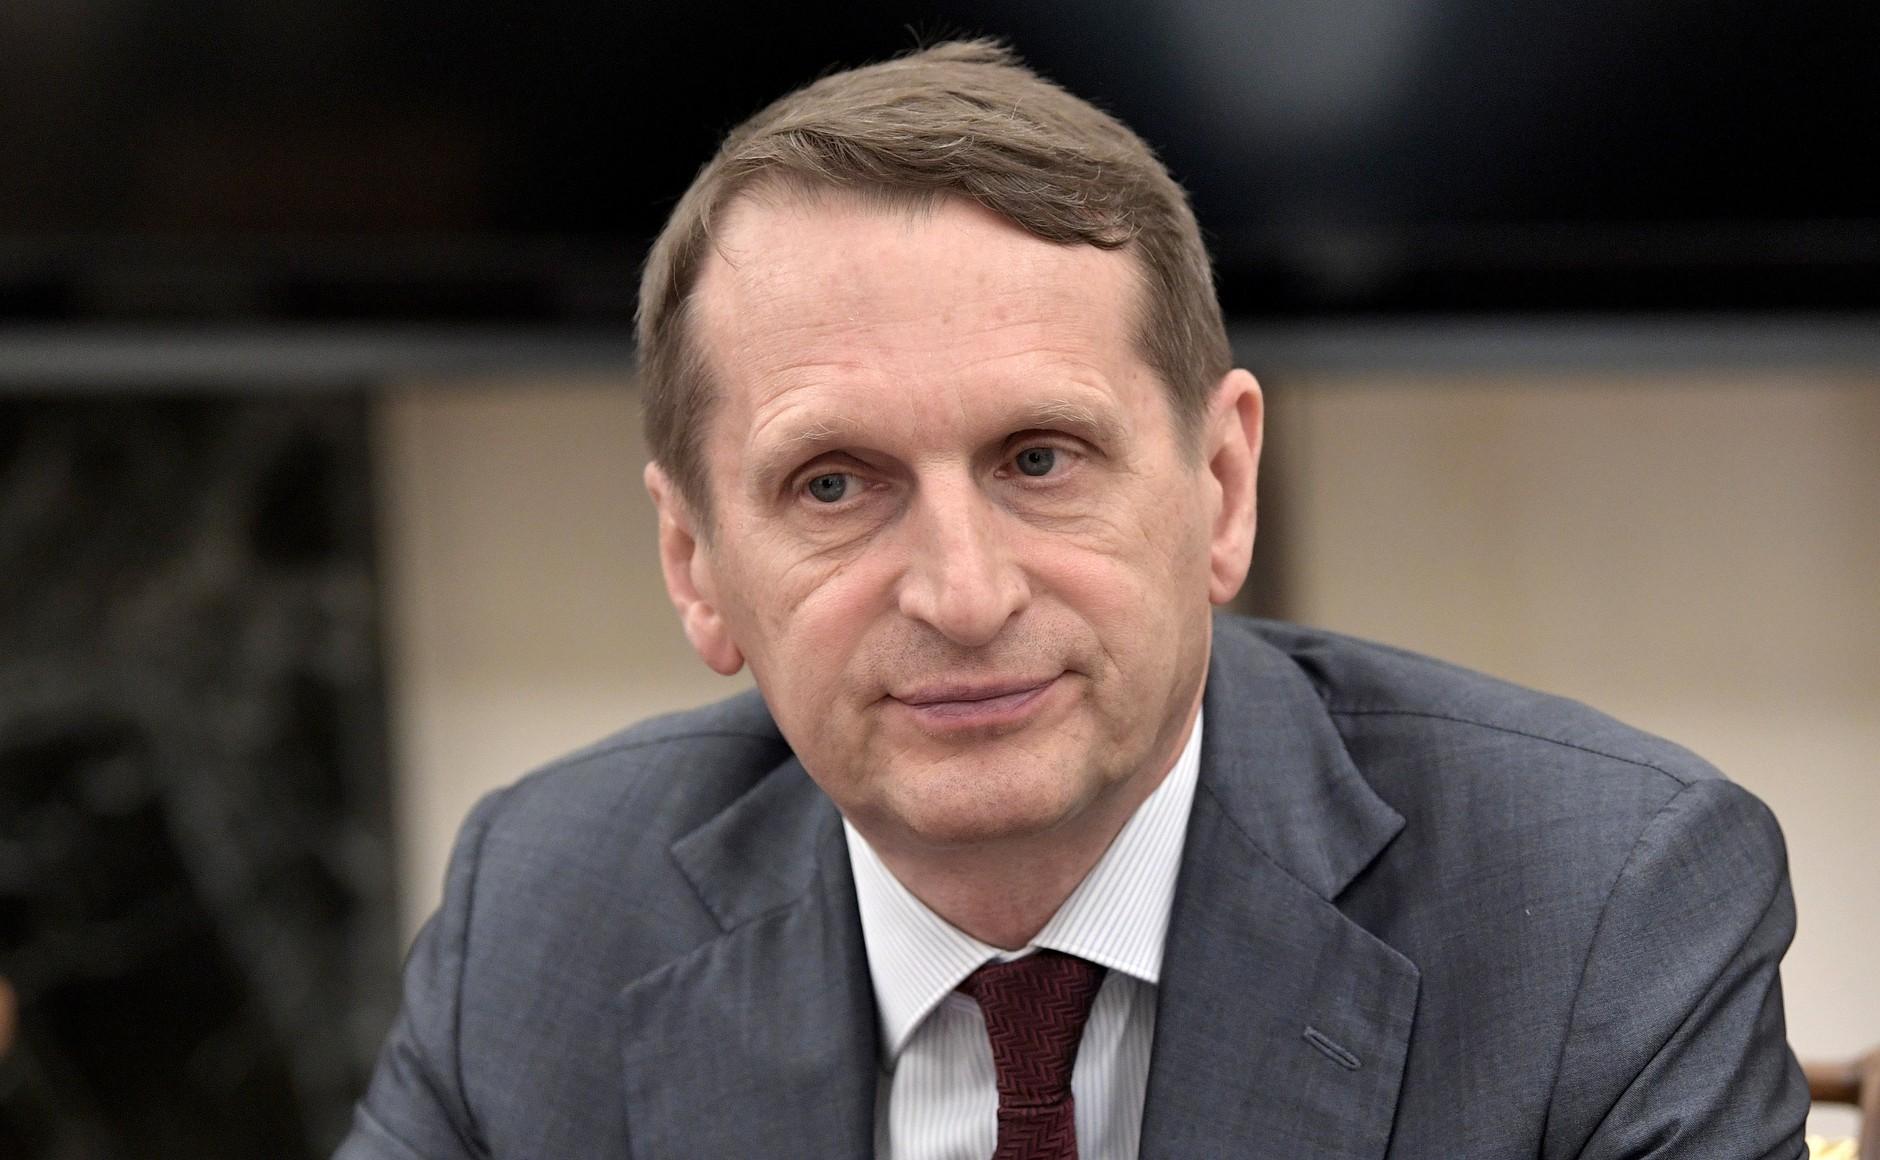 Сергеј Наришкин – директор Спољне обавештајне службе и председник Руског историјског друштва.